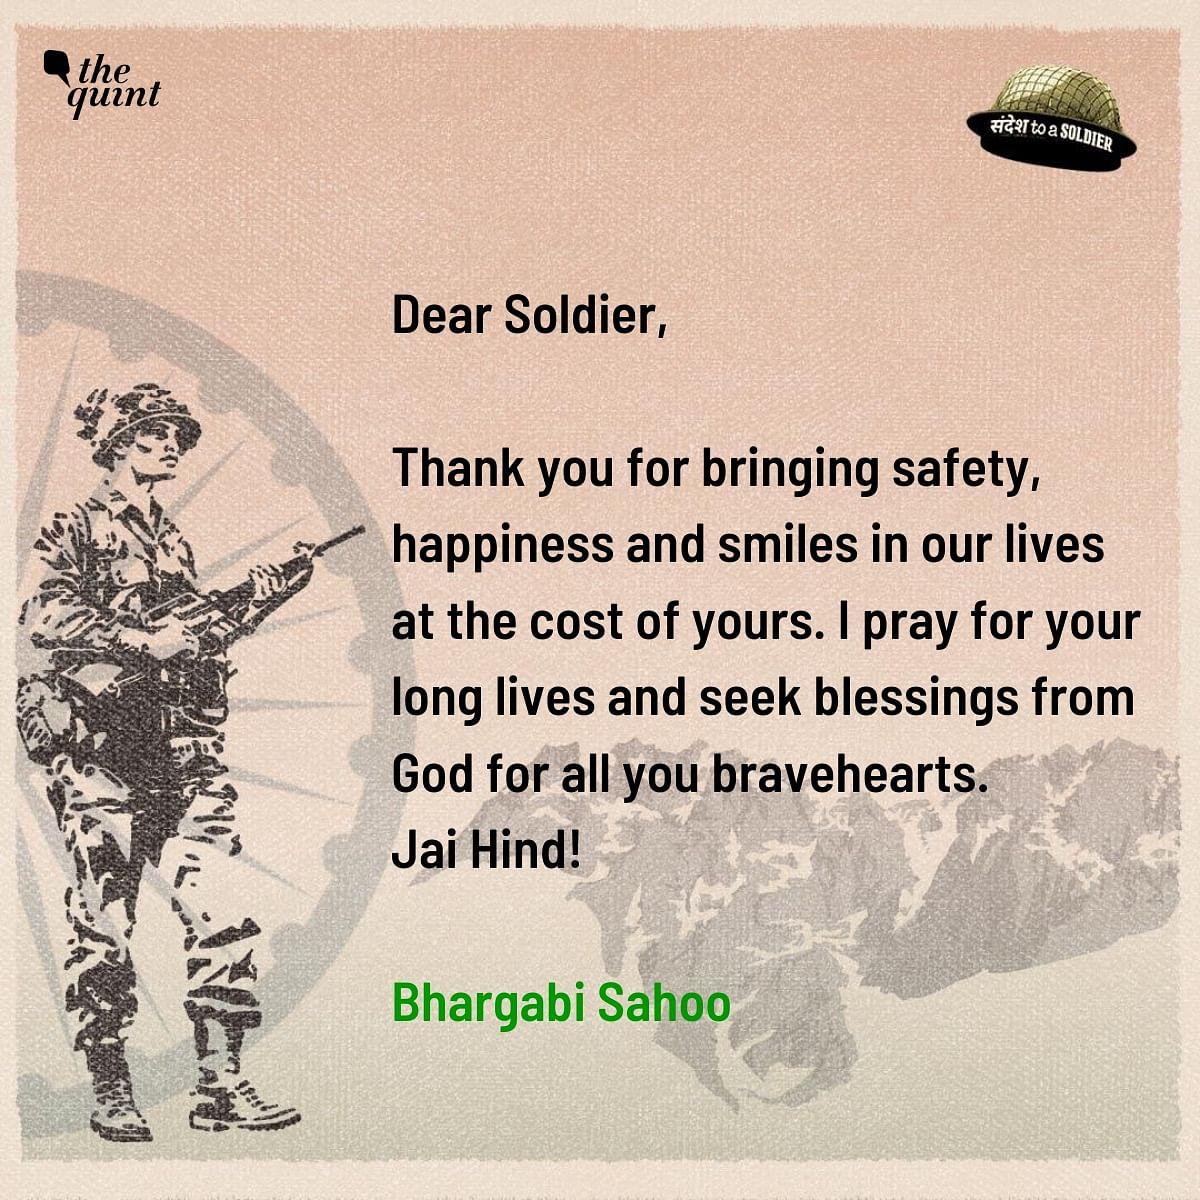 Bhargabi Sahoo sends her sandesh to a soldier.